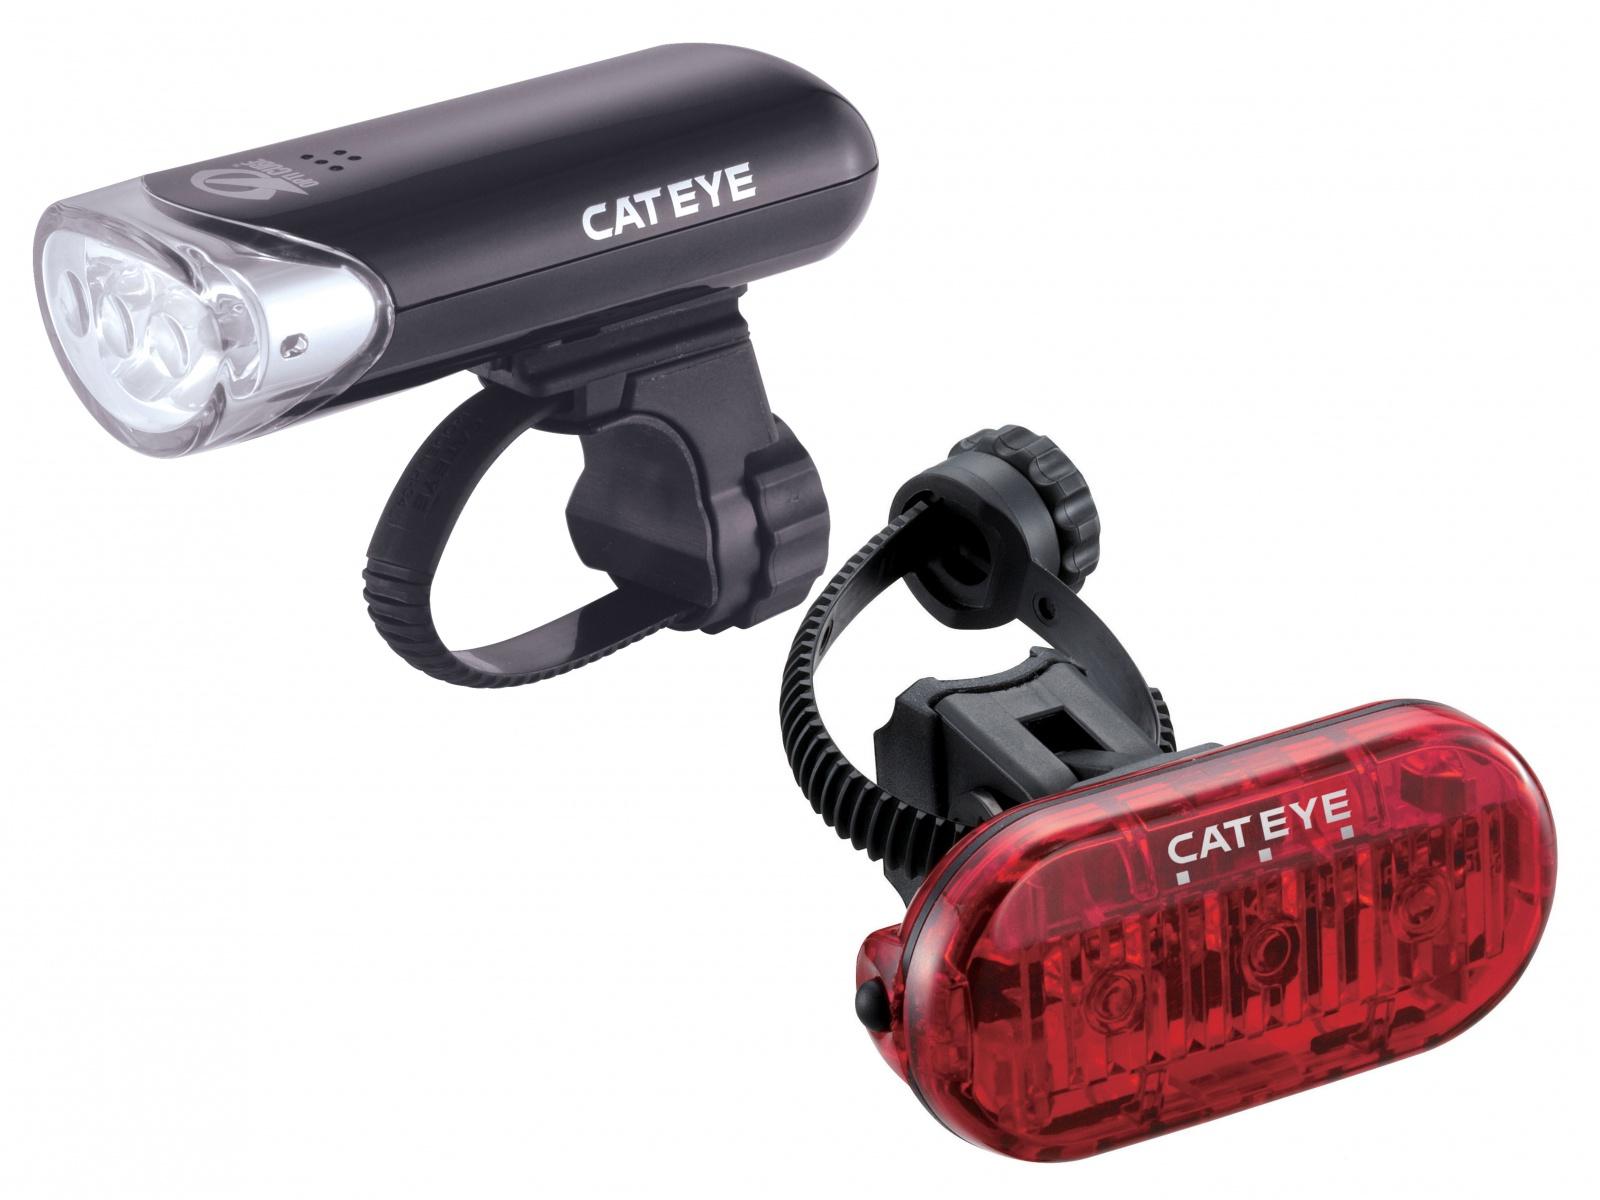 CATEYE Světlo sada CAT HL-EL135/TL-LD135